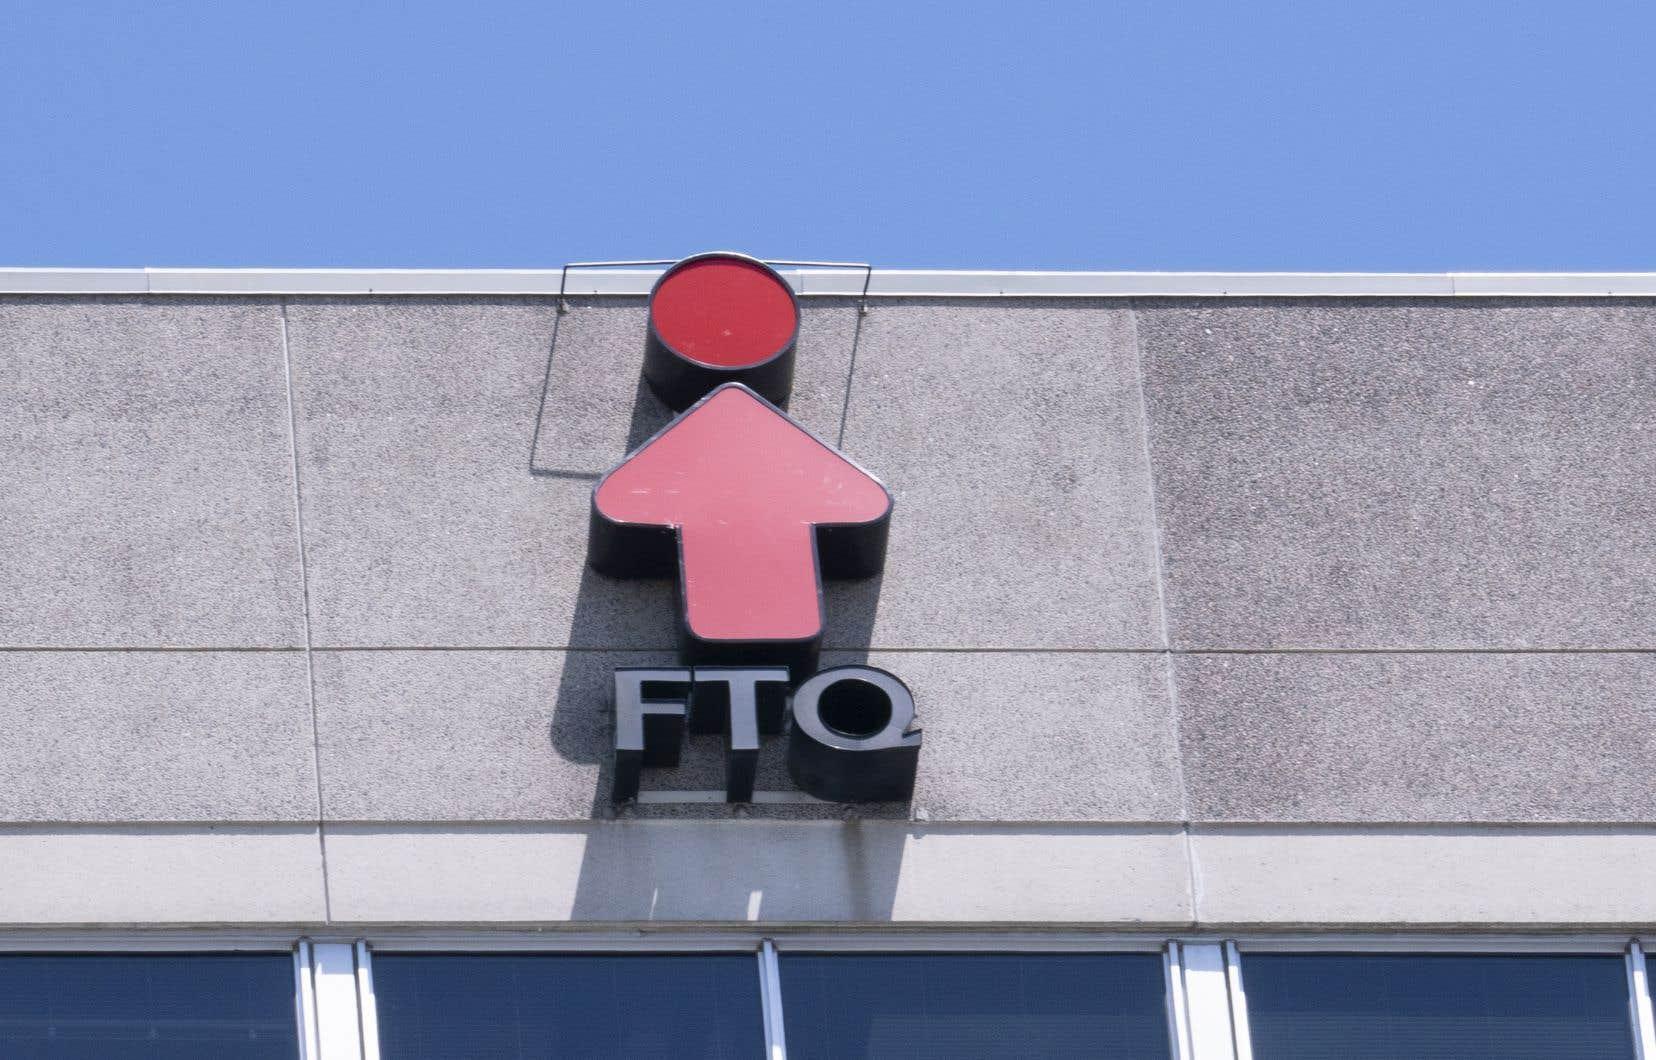 Le Bureau de direction de la FTQ compte désormais 7 femmes et 10 hommes — une première pour la centrale.